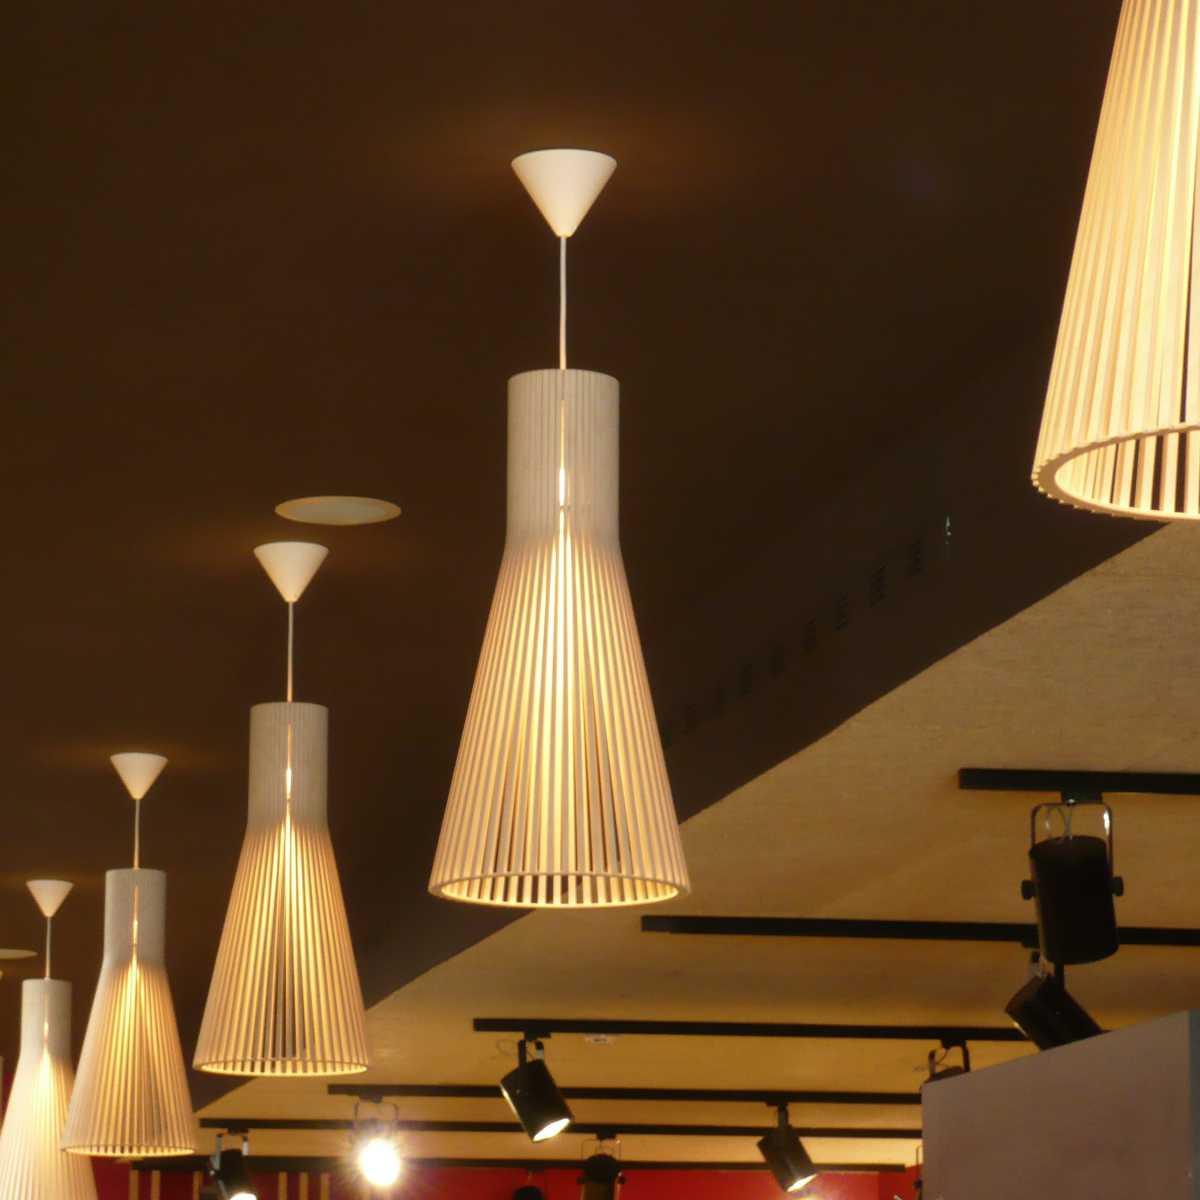 Se han cuidado todos los detalles de modo que el diseño y los materiales sean acordes con el estilo del local.